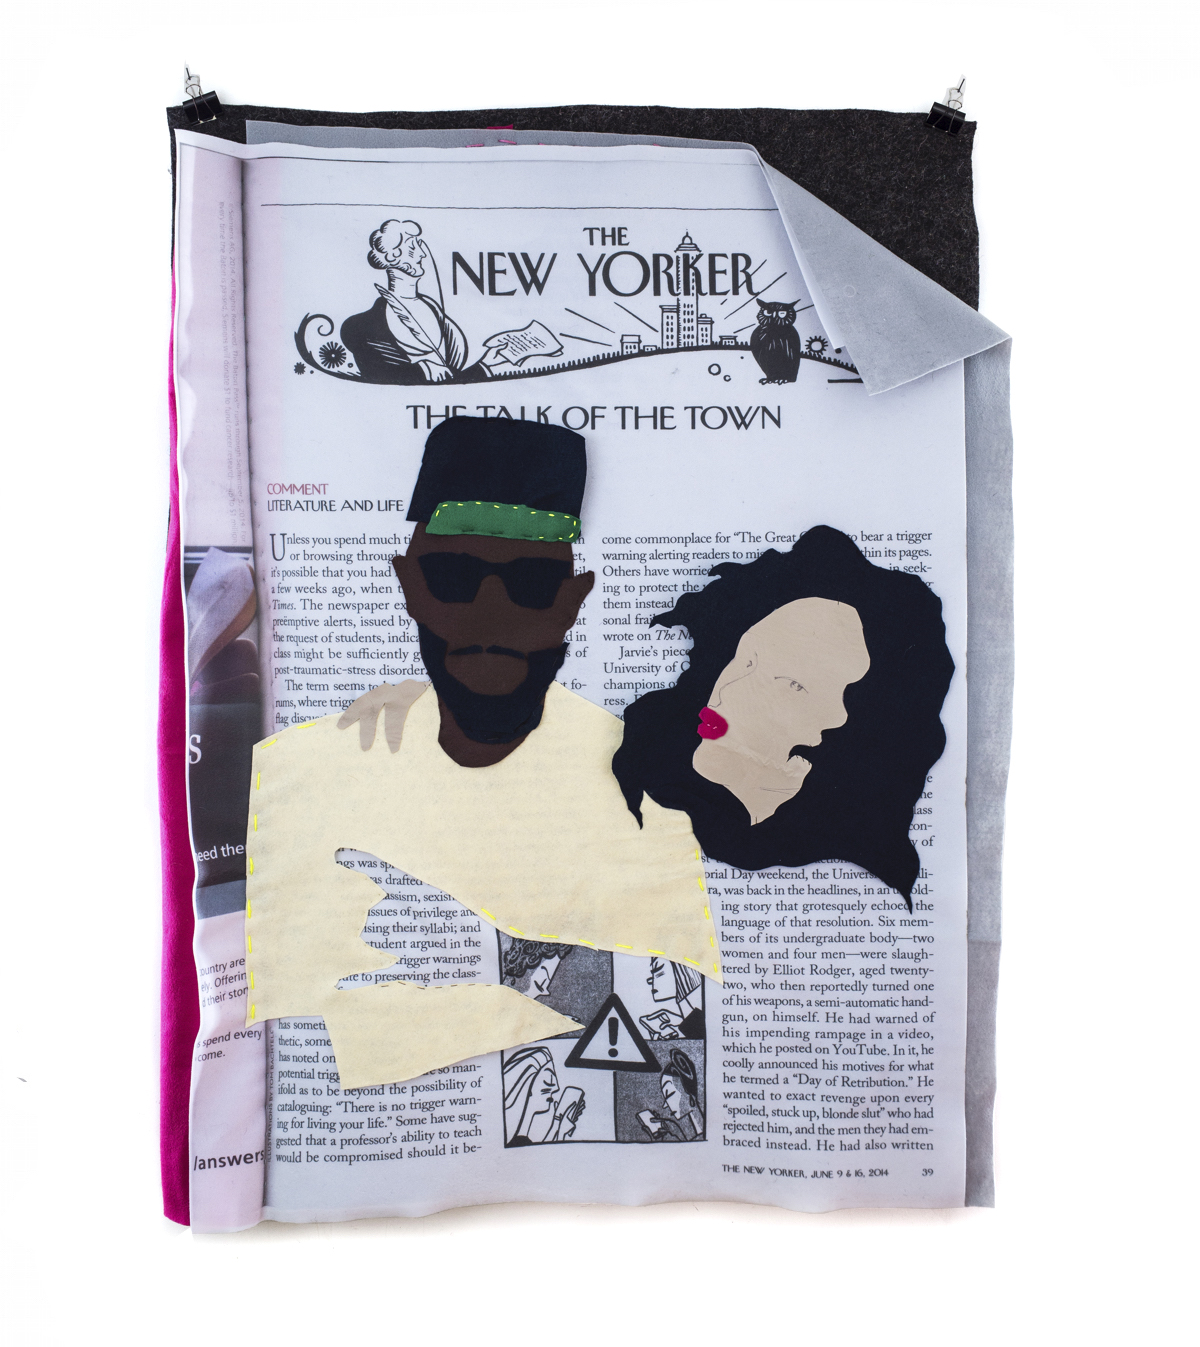 Me and Bae  2014 Digital Print on Fabric/Felt